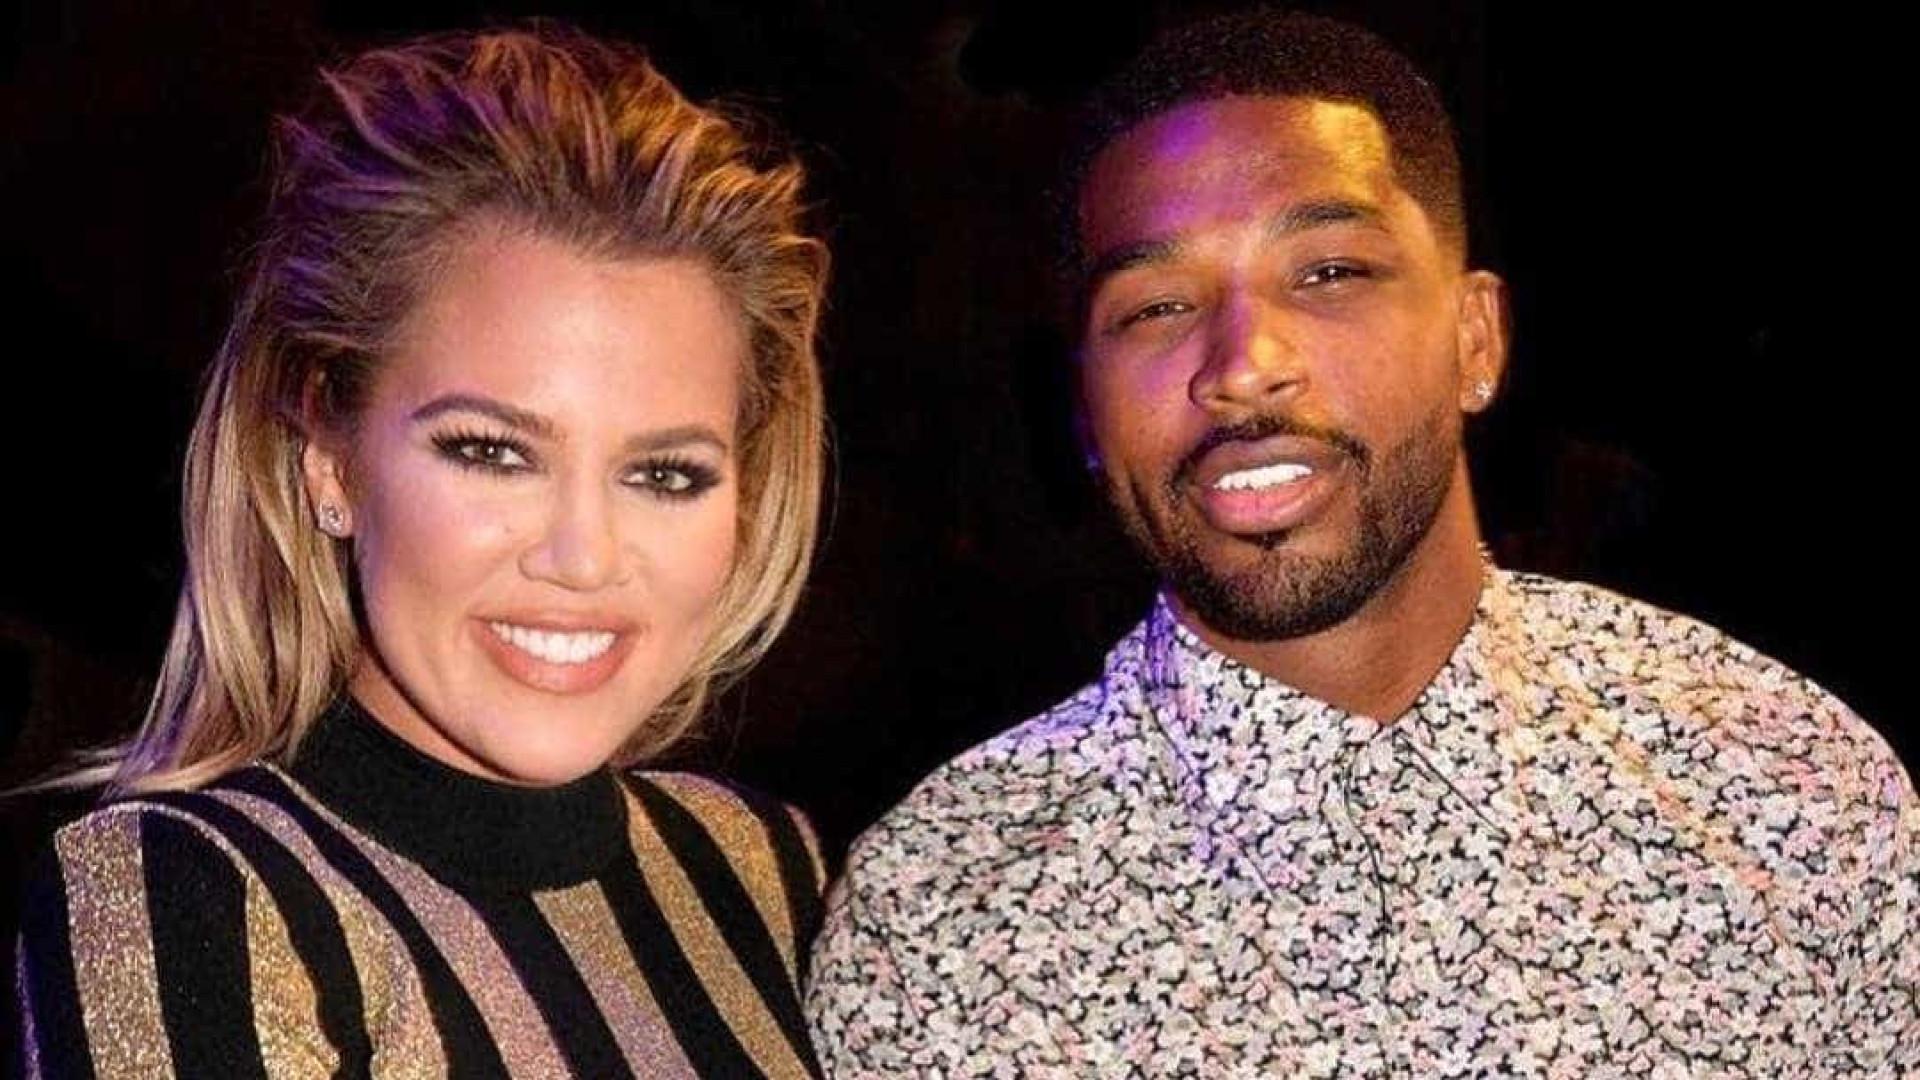 Amigos revelam que Khloé Kardashian e Tristan Thompson estão separados